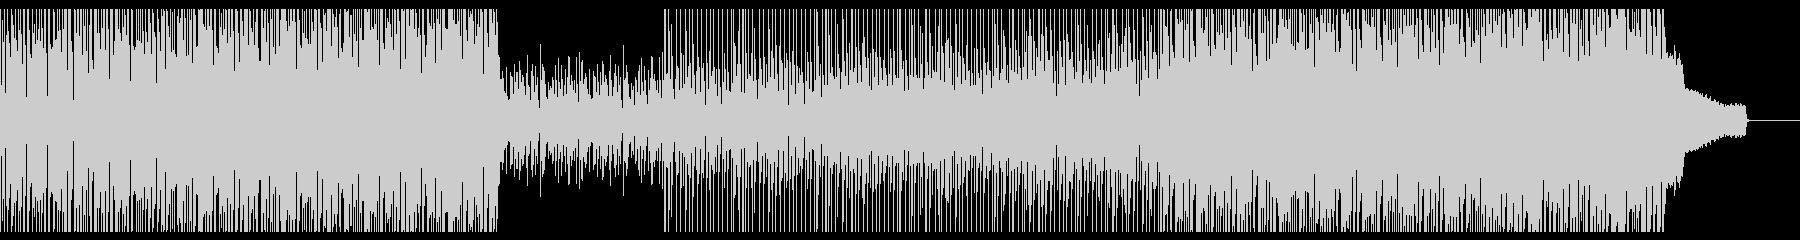 ポップインストゥルメンタル。明るく...の未再生の波形